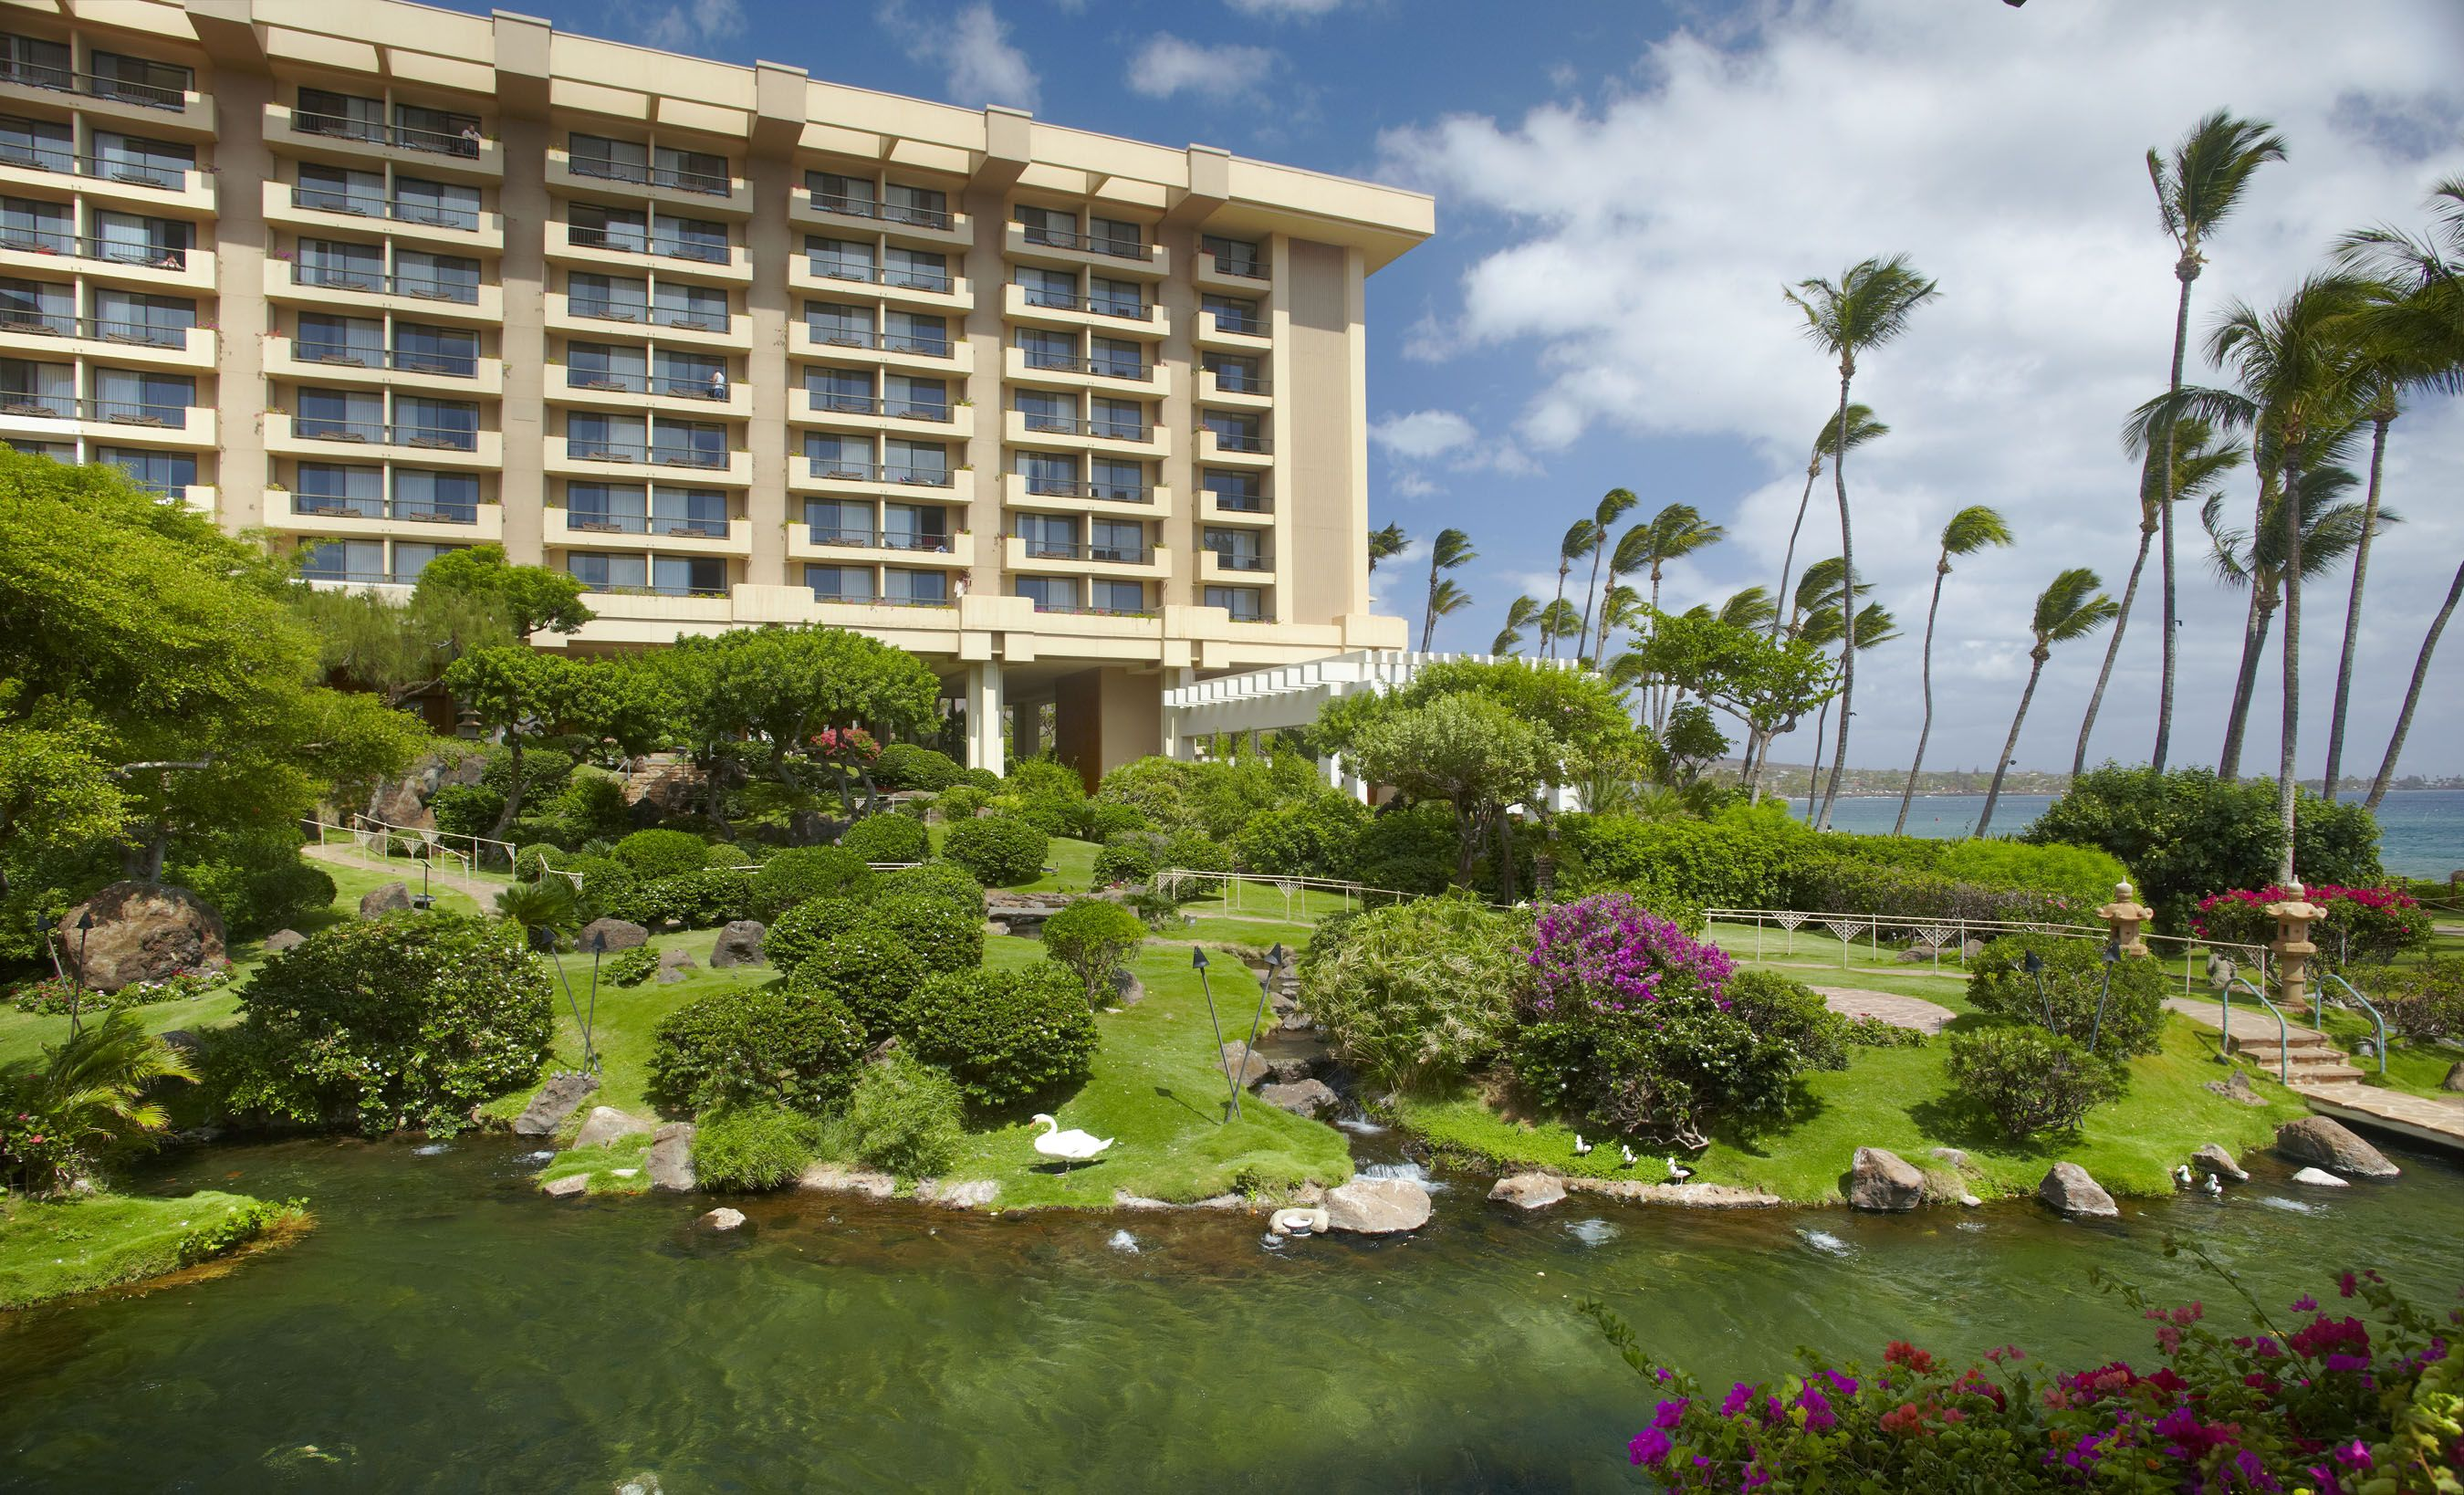 Beautiful Oriental Gardens At The Hyatt Regency Maui Resort